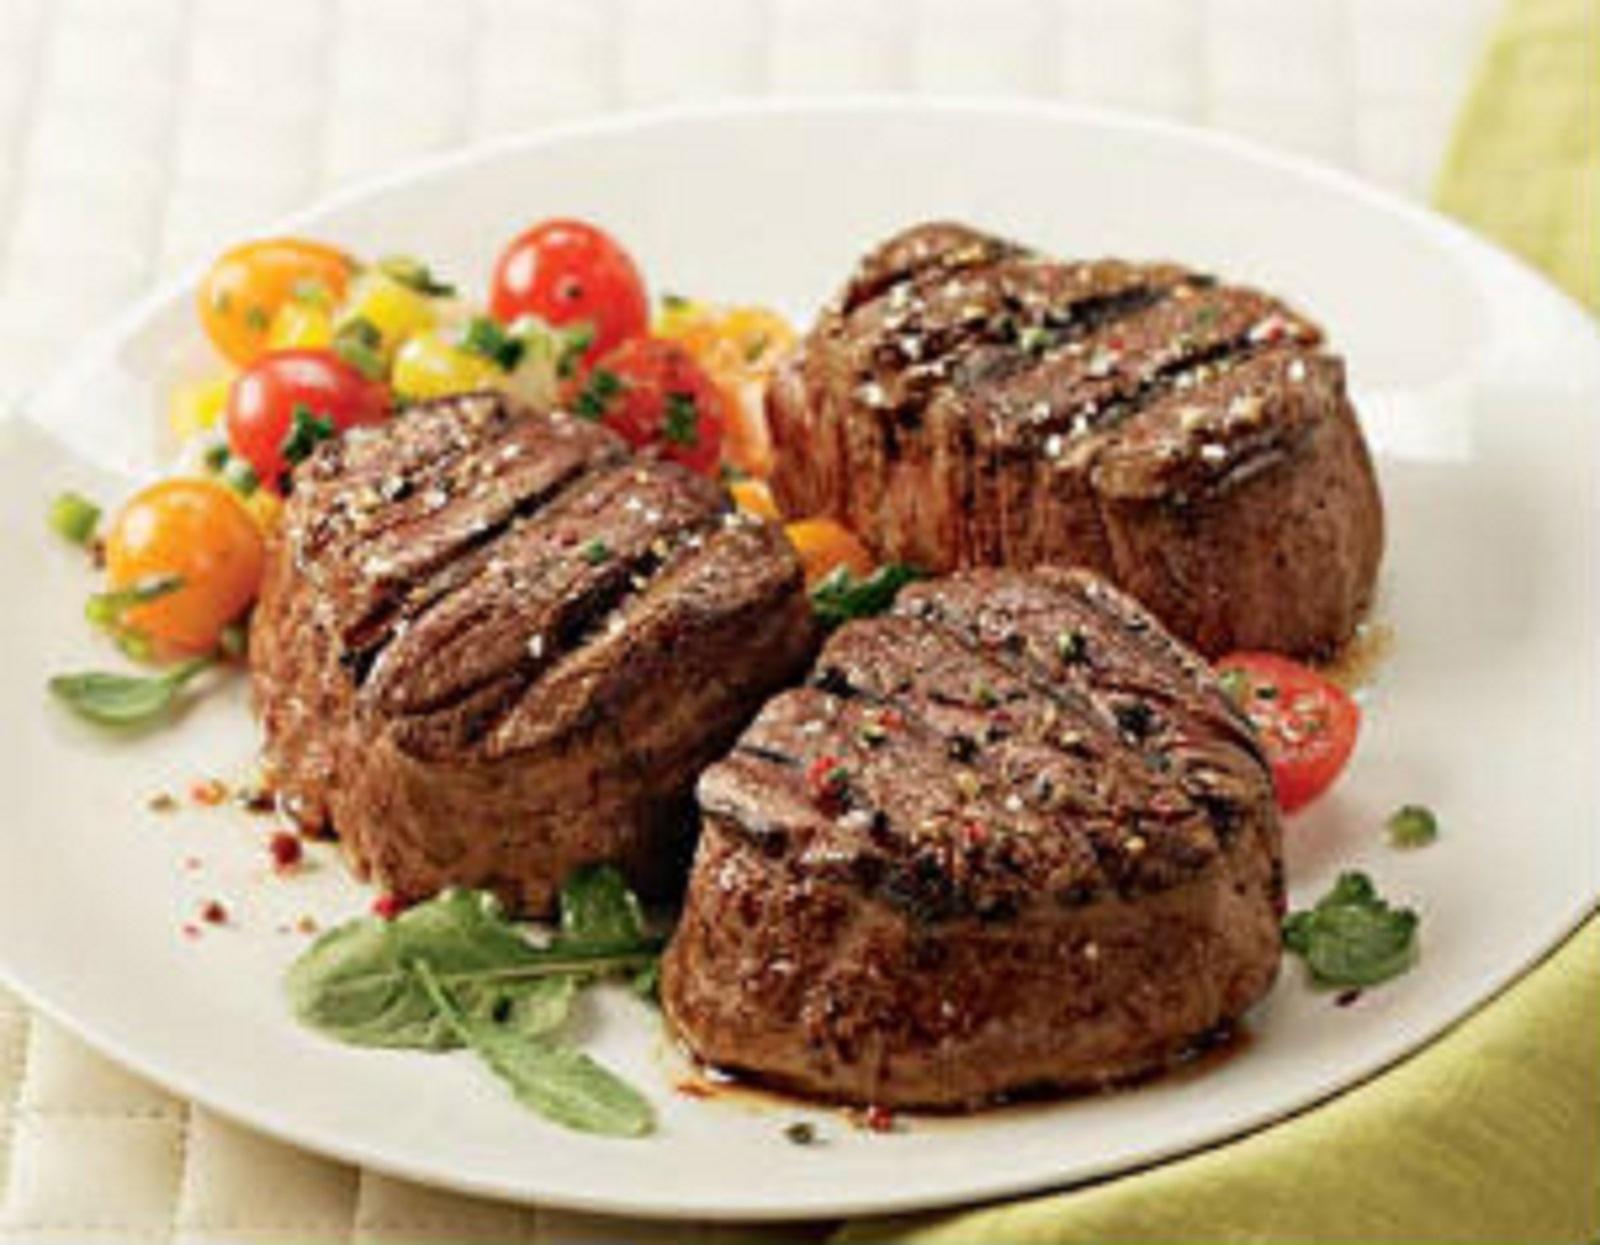 Filet mignon marinade recipe - Best marinade for filet mignon on grill ...